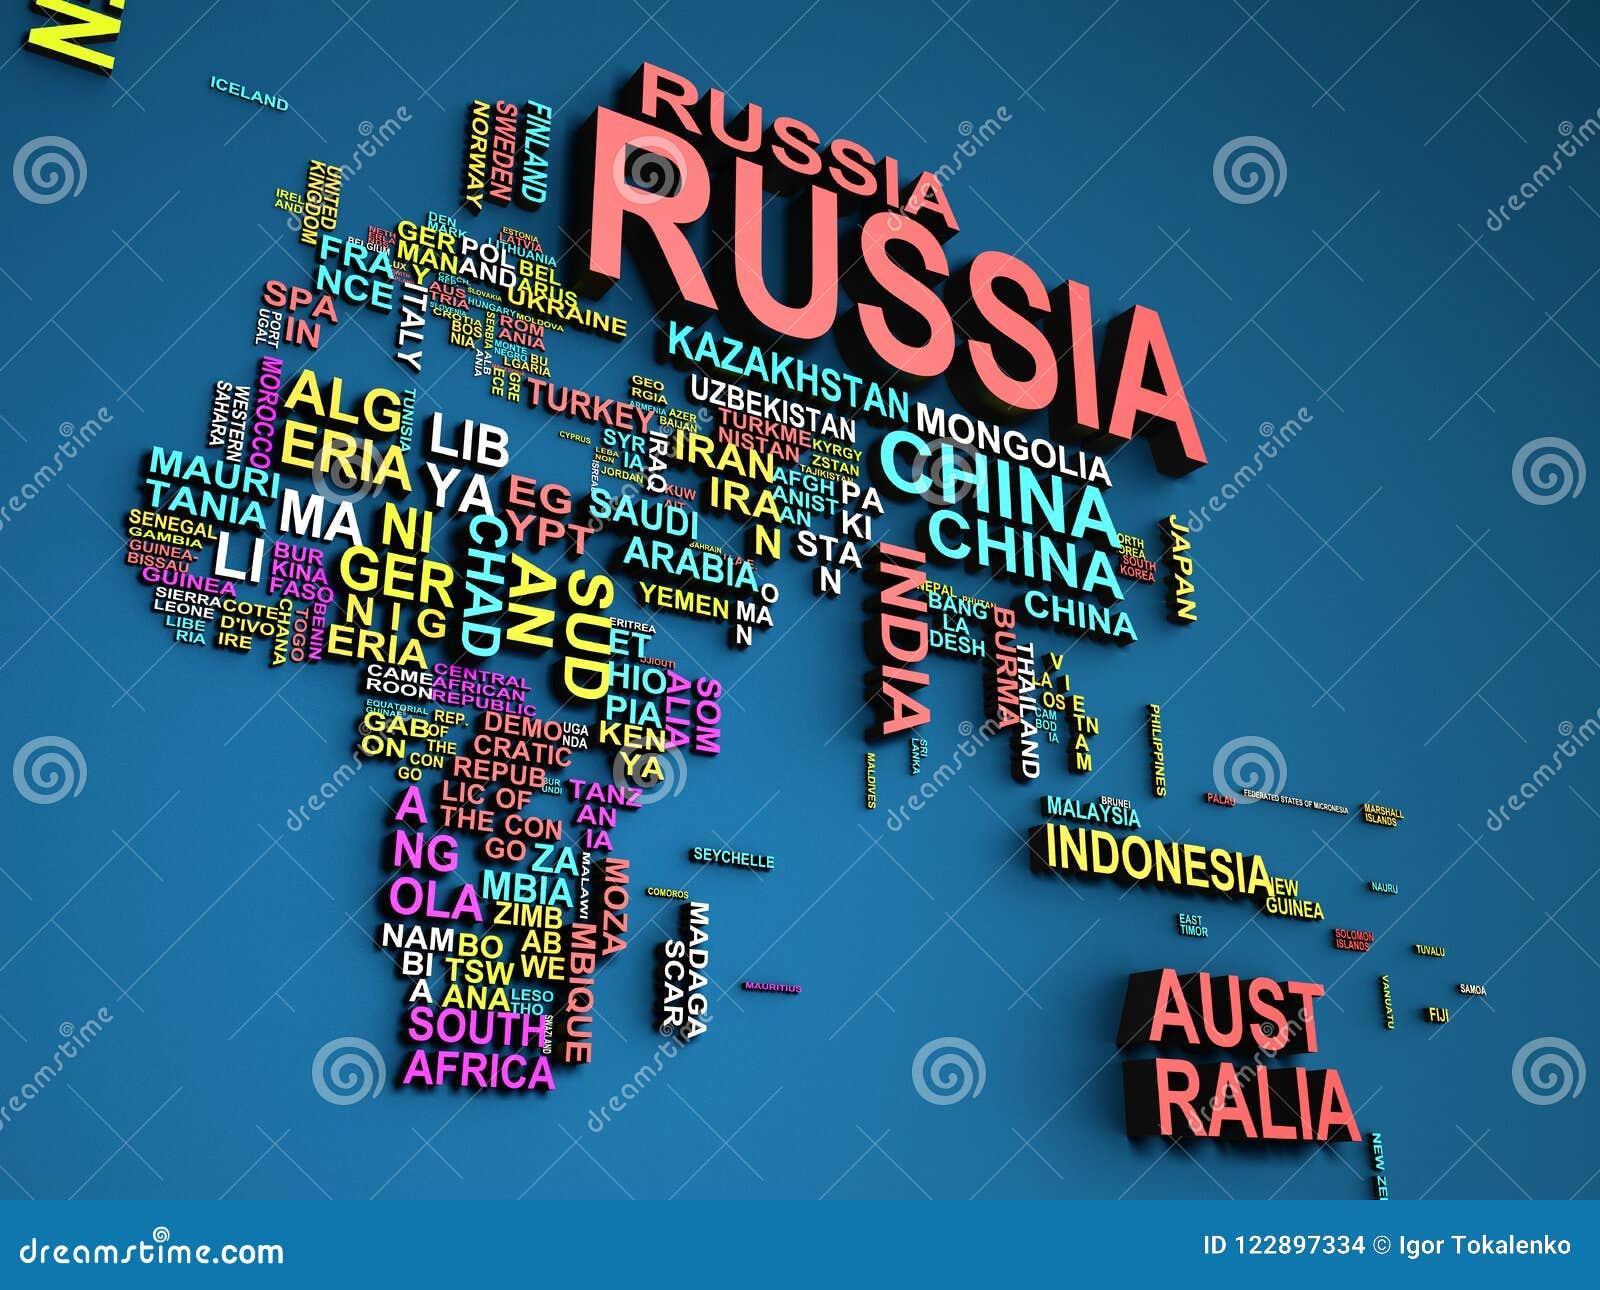 Cartina Mondo Con Nomi Stati.La Mappa Di Mondo Con Tutti Stati E La Loro Illustrazione Di Nomi 3d Sopra Illustrazione Di Stock Illustrazione Di Orizzontale Paesi 122897334